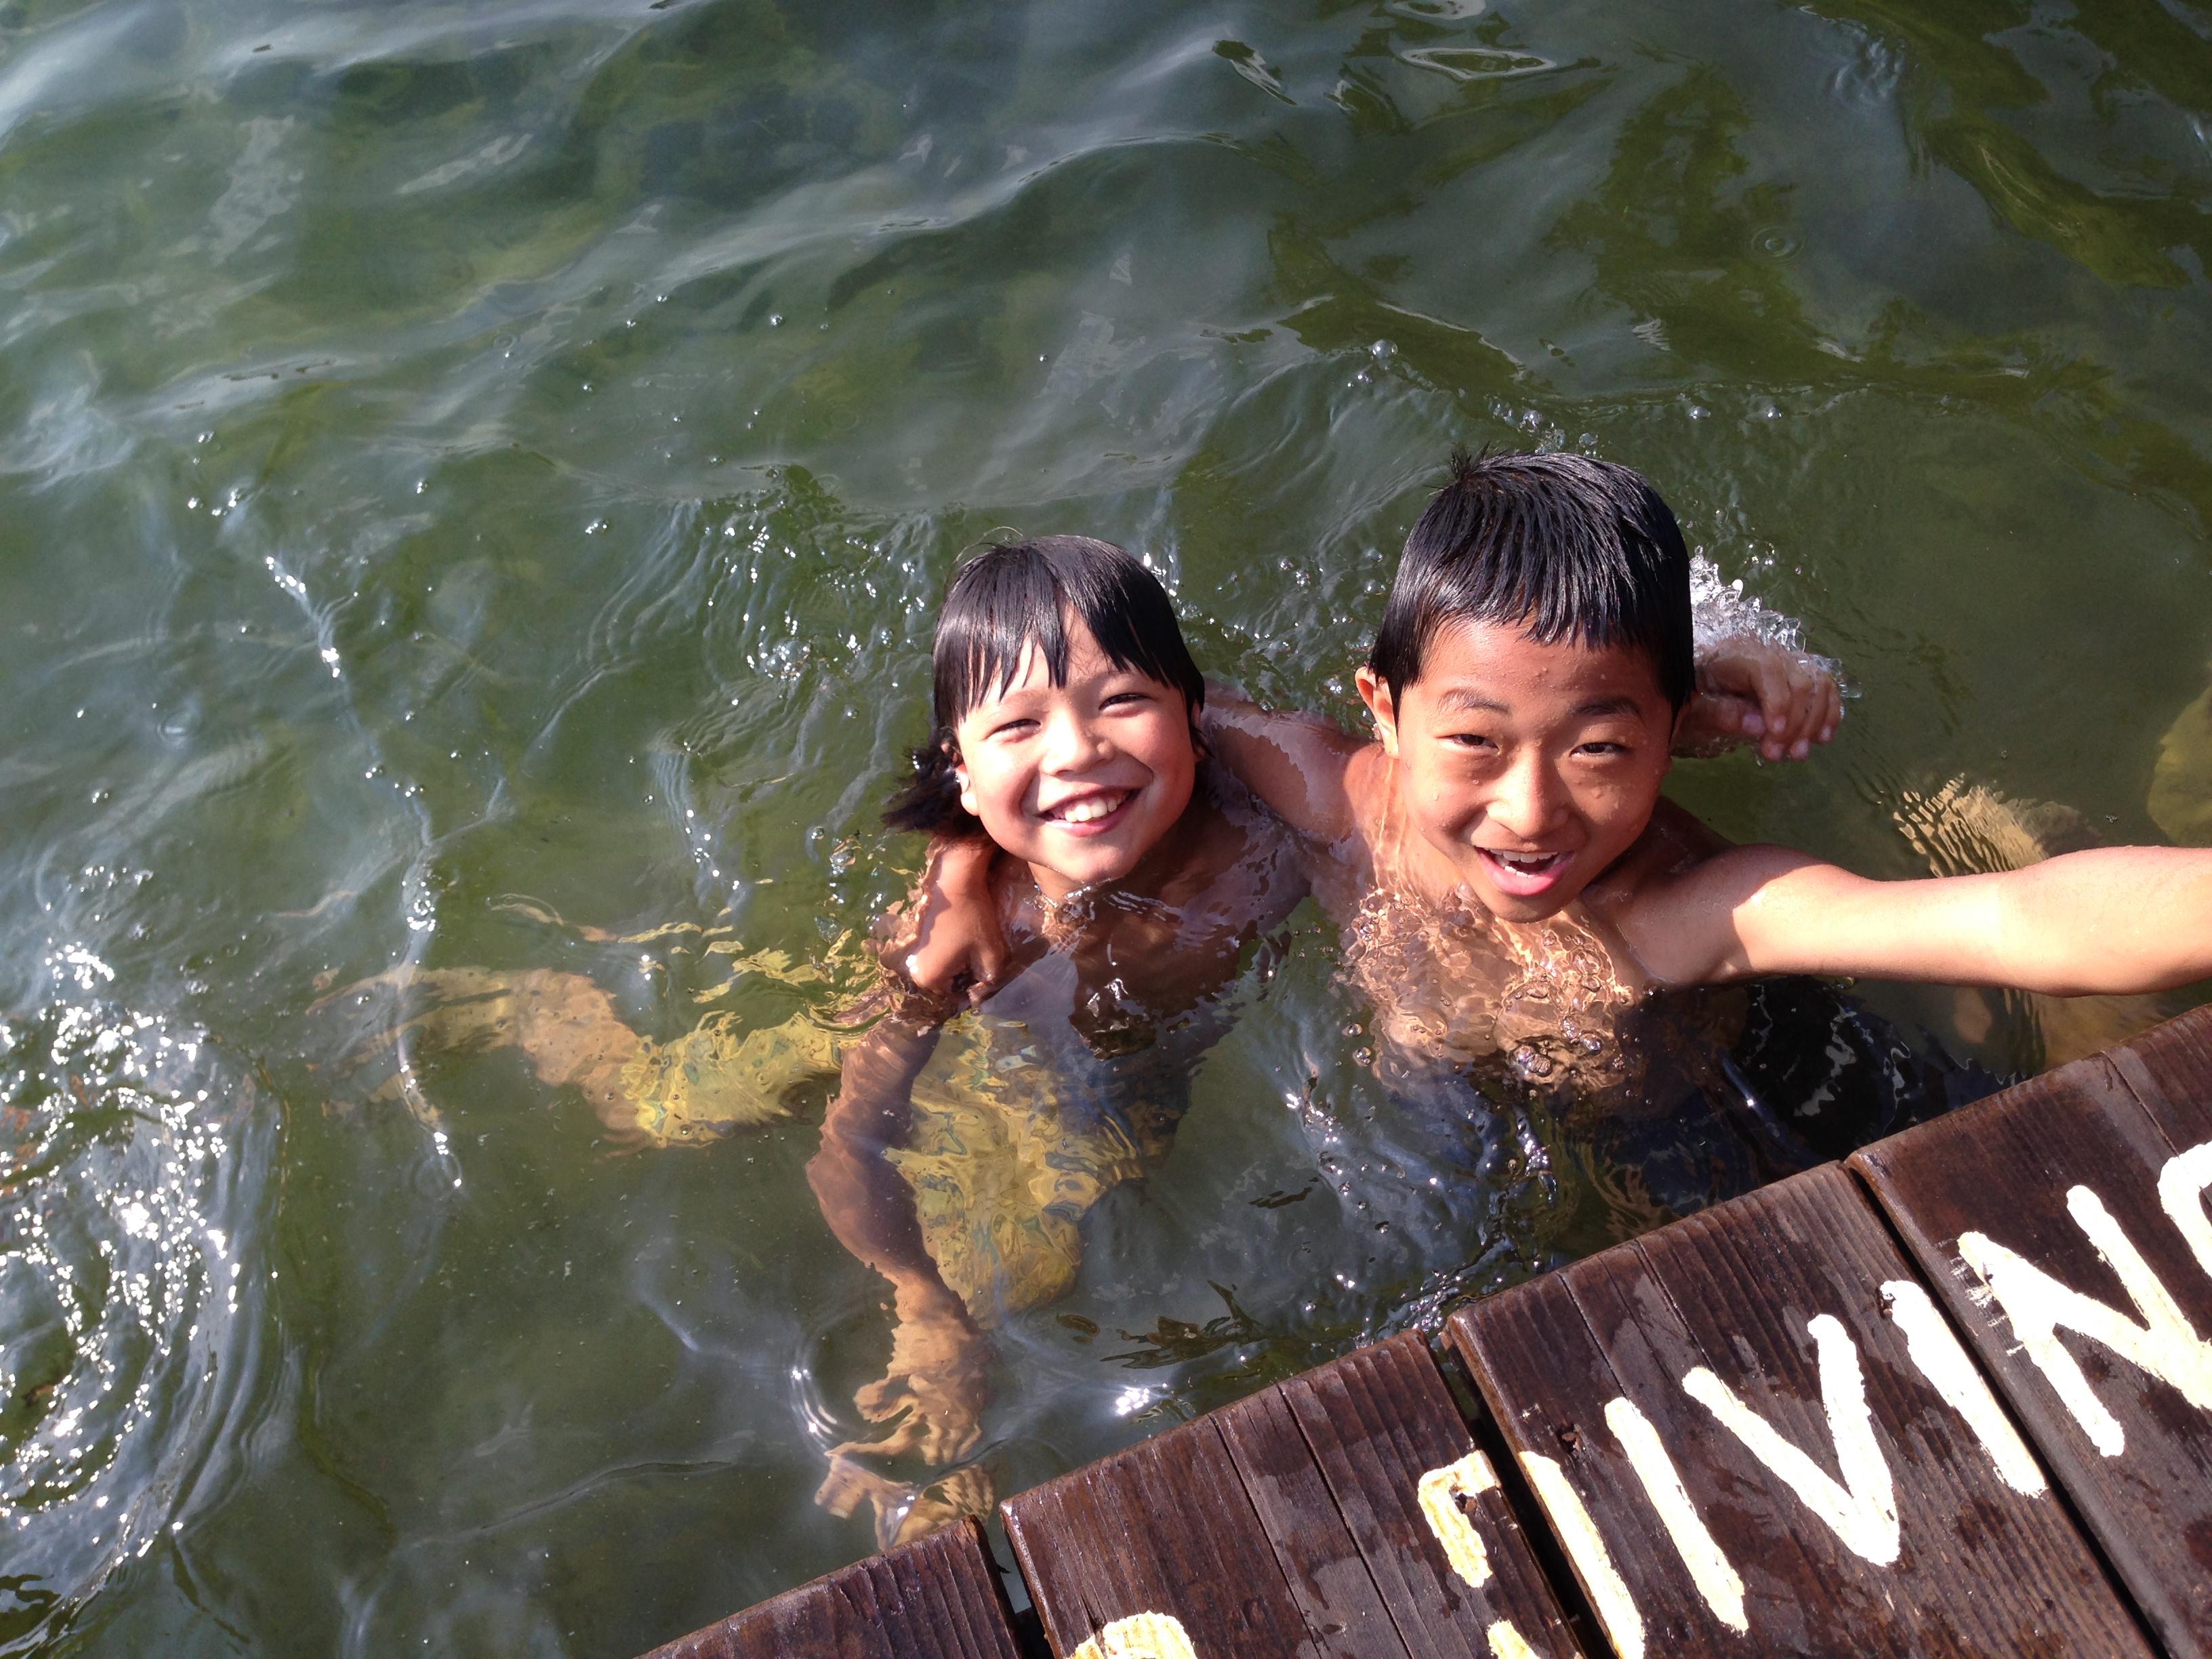 Camp Mowglis image 1